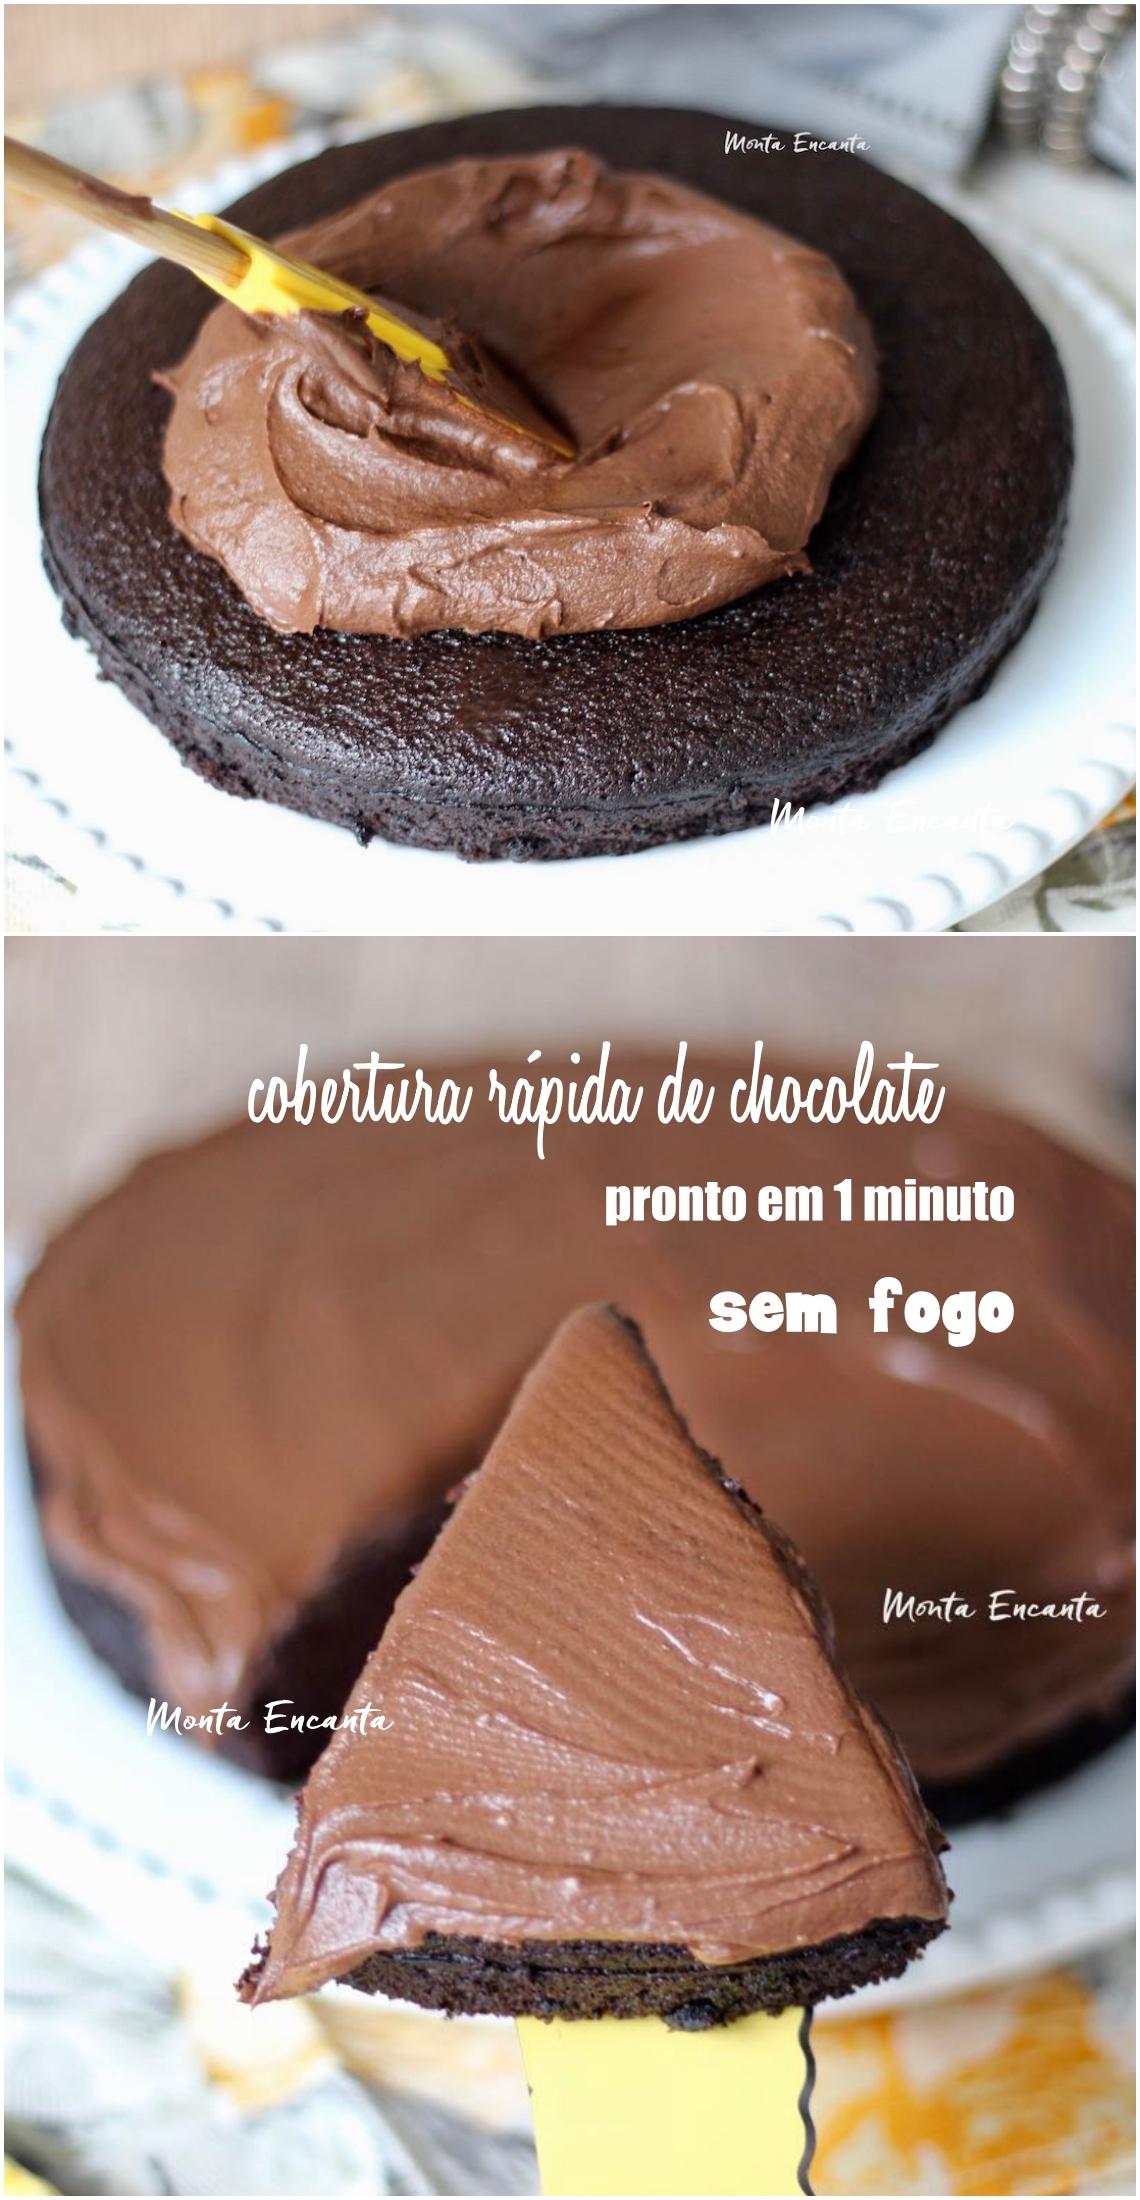 glacê de chocolate